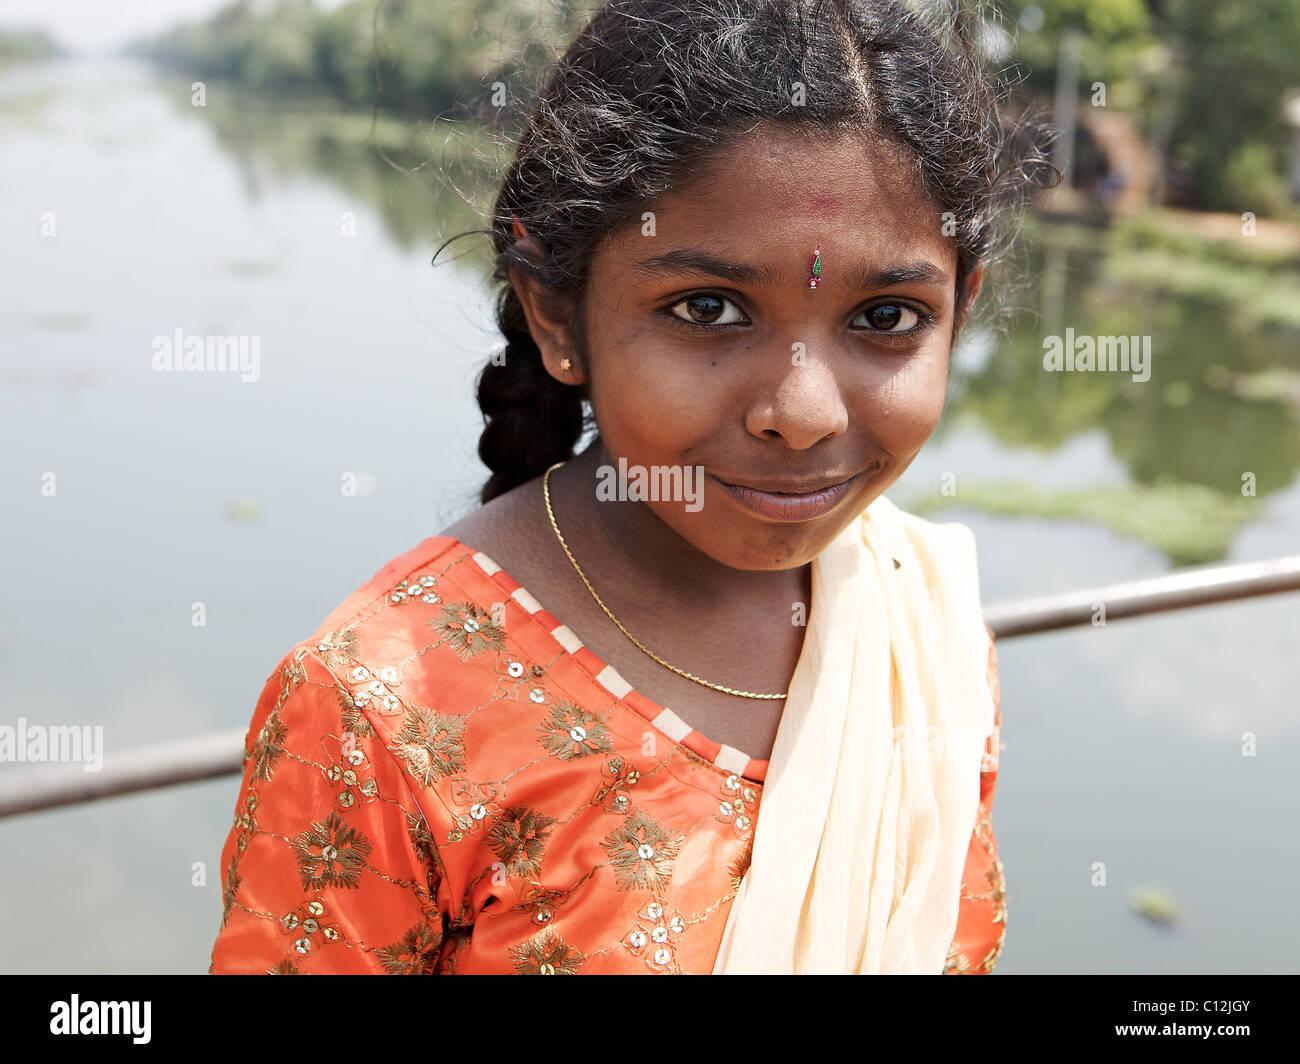 nude kerala girl images